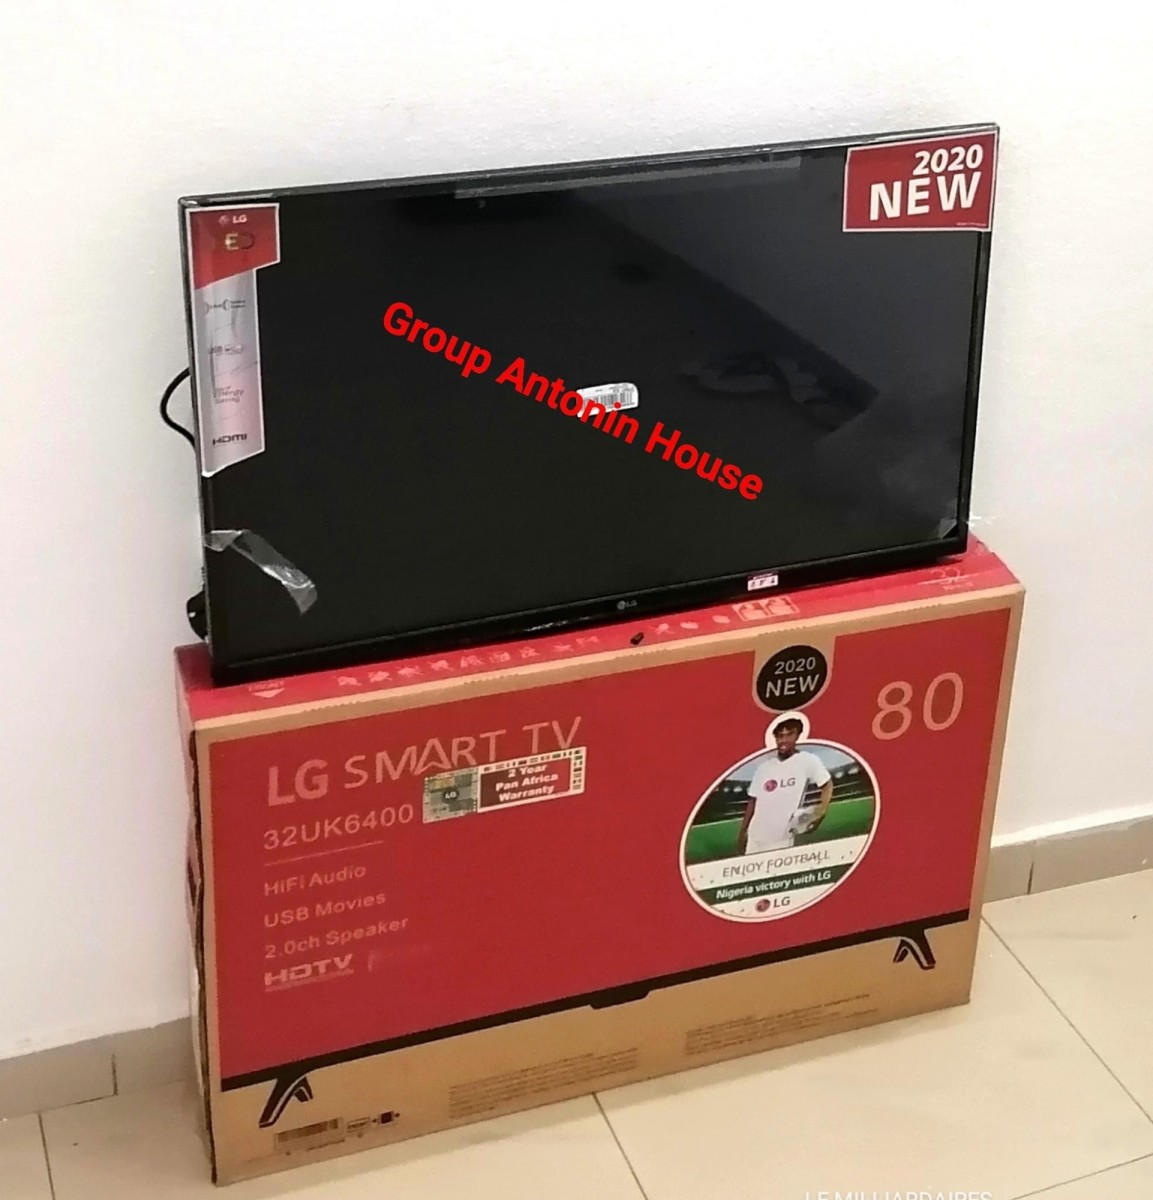 offrez-vous-des-televisions-led-full-option-smart-4k-a-des-prix-reduits-big-3